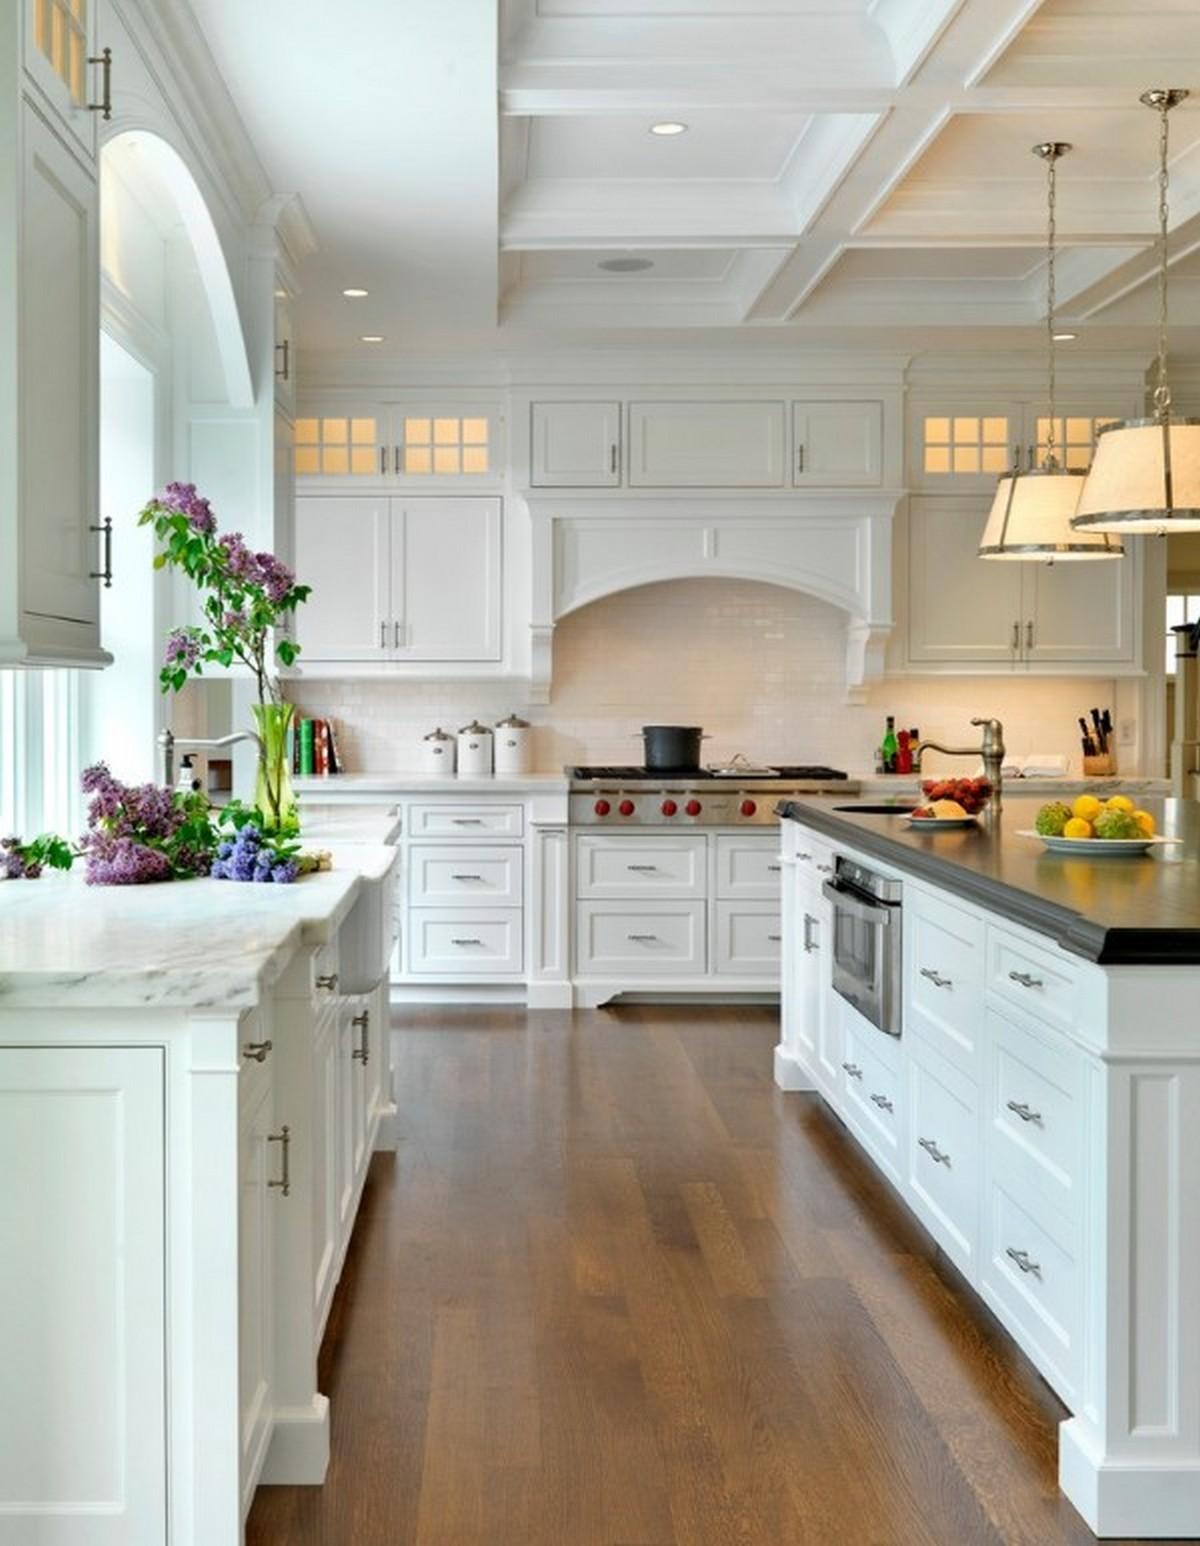 роскошная белая кухня в английском стиле